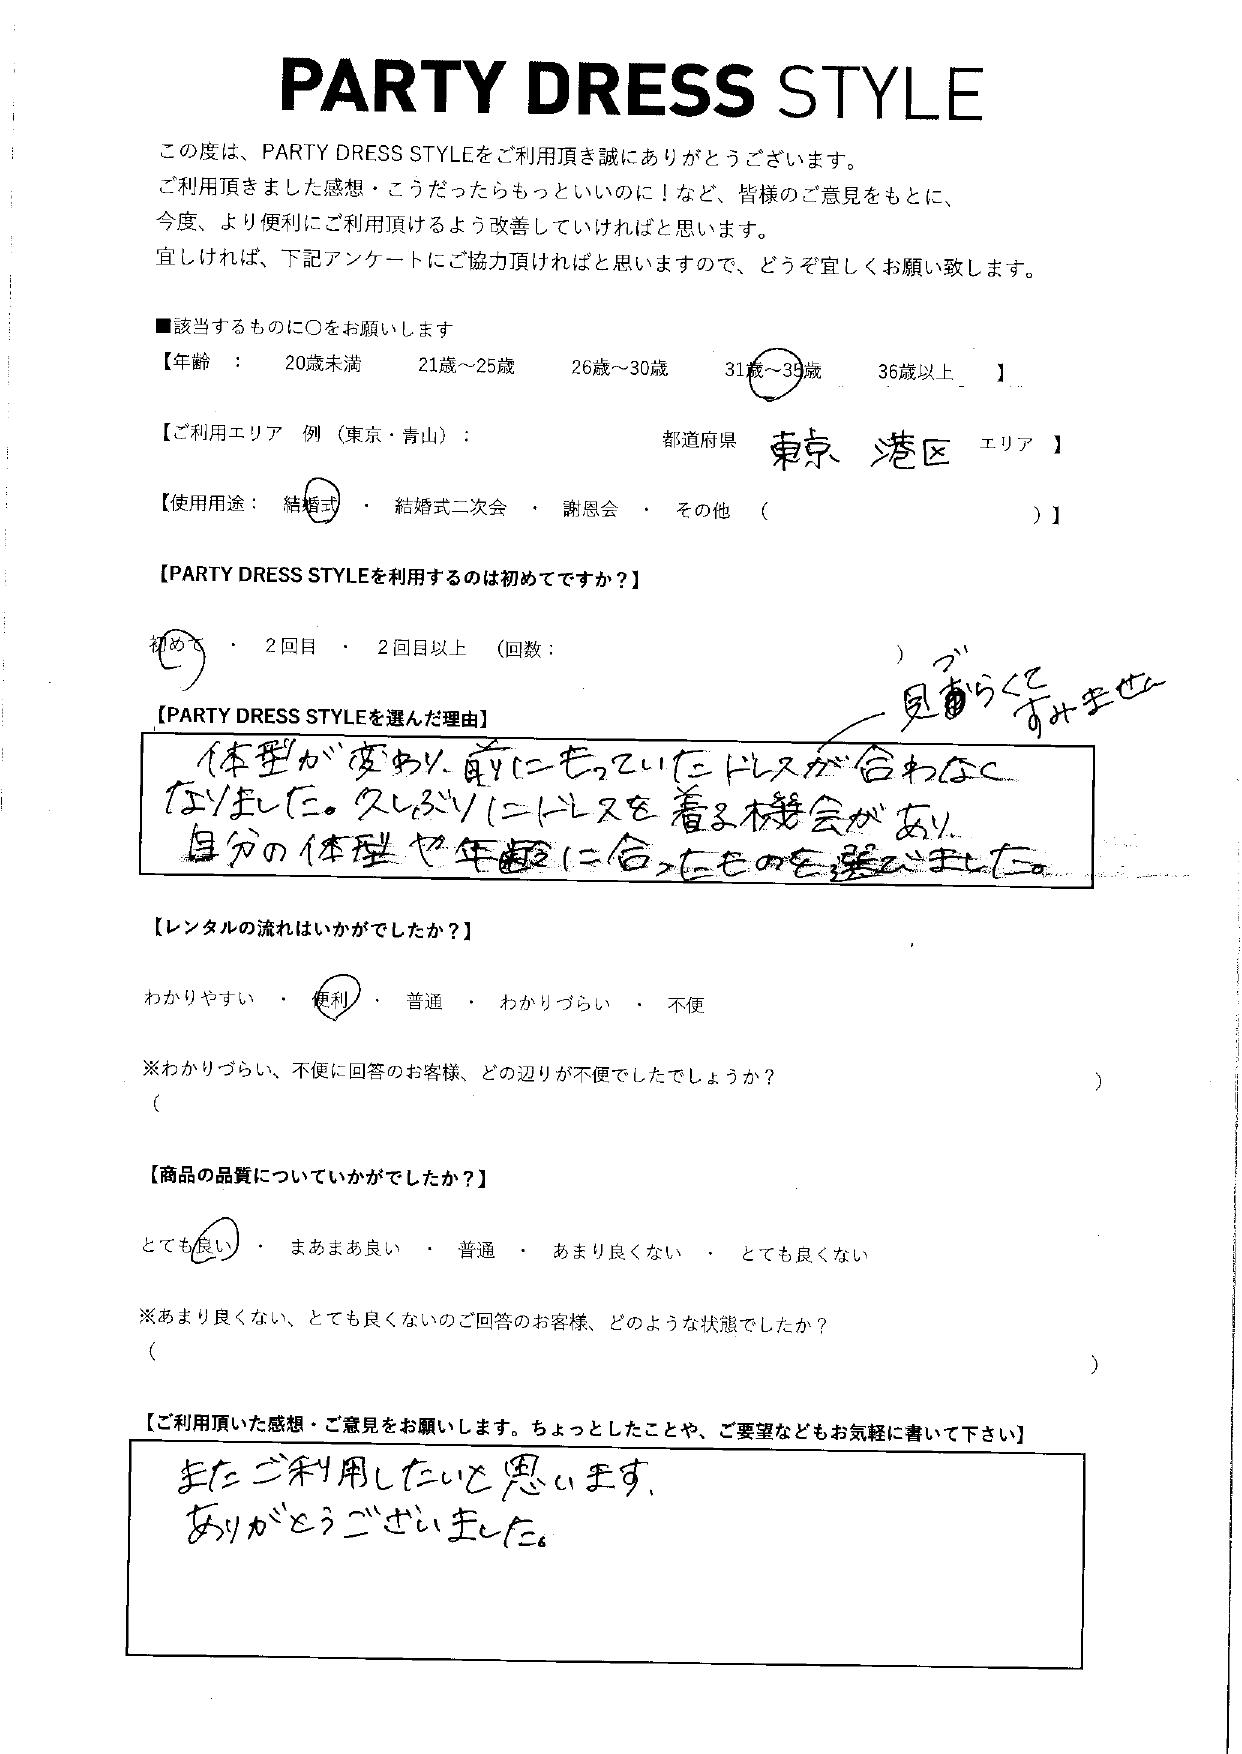 11/22結婚式ご利用 東京・港区エリア